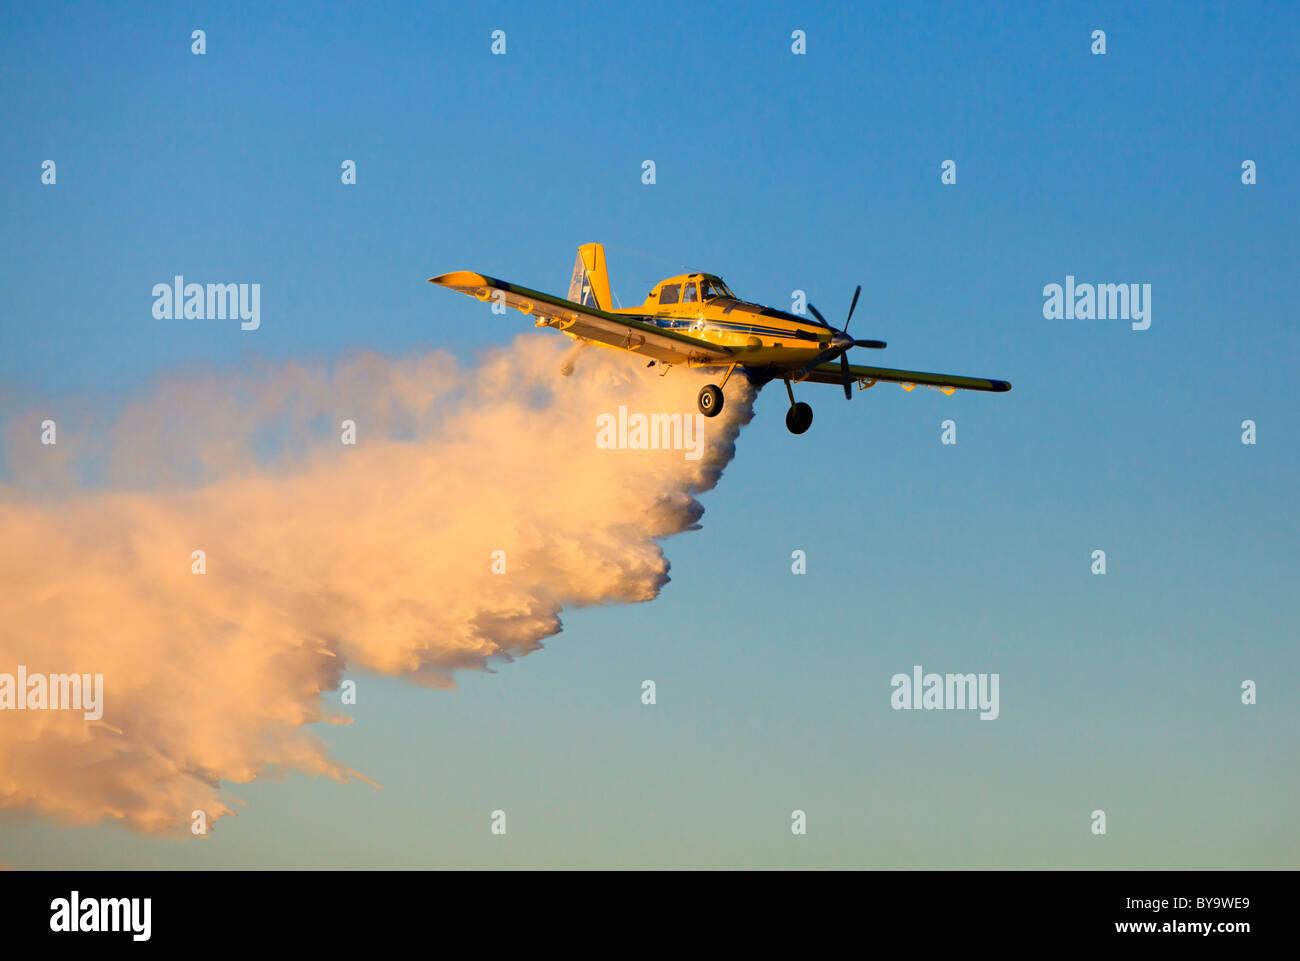 Air Tractor A-802 Avión Bombardero de agua contra incendios soltando agua. Imagen De Stock